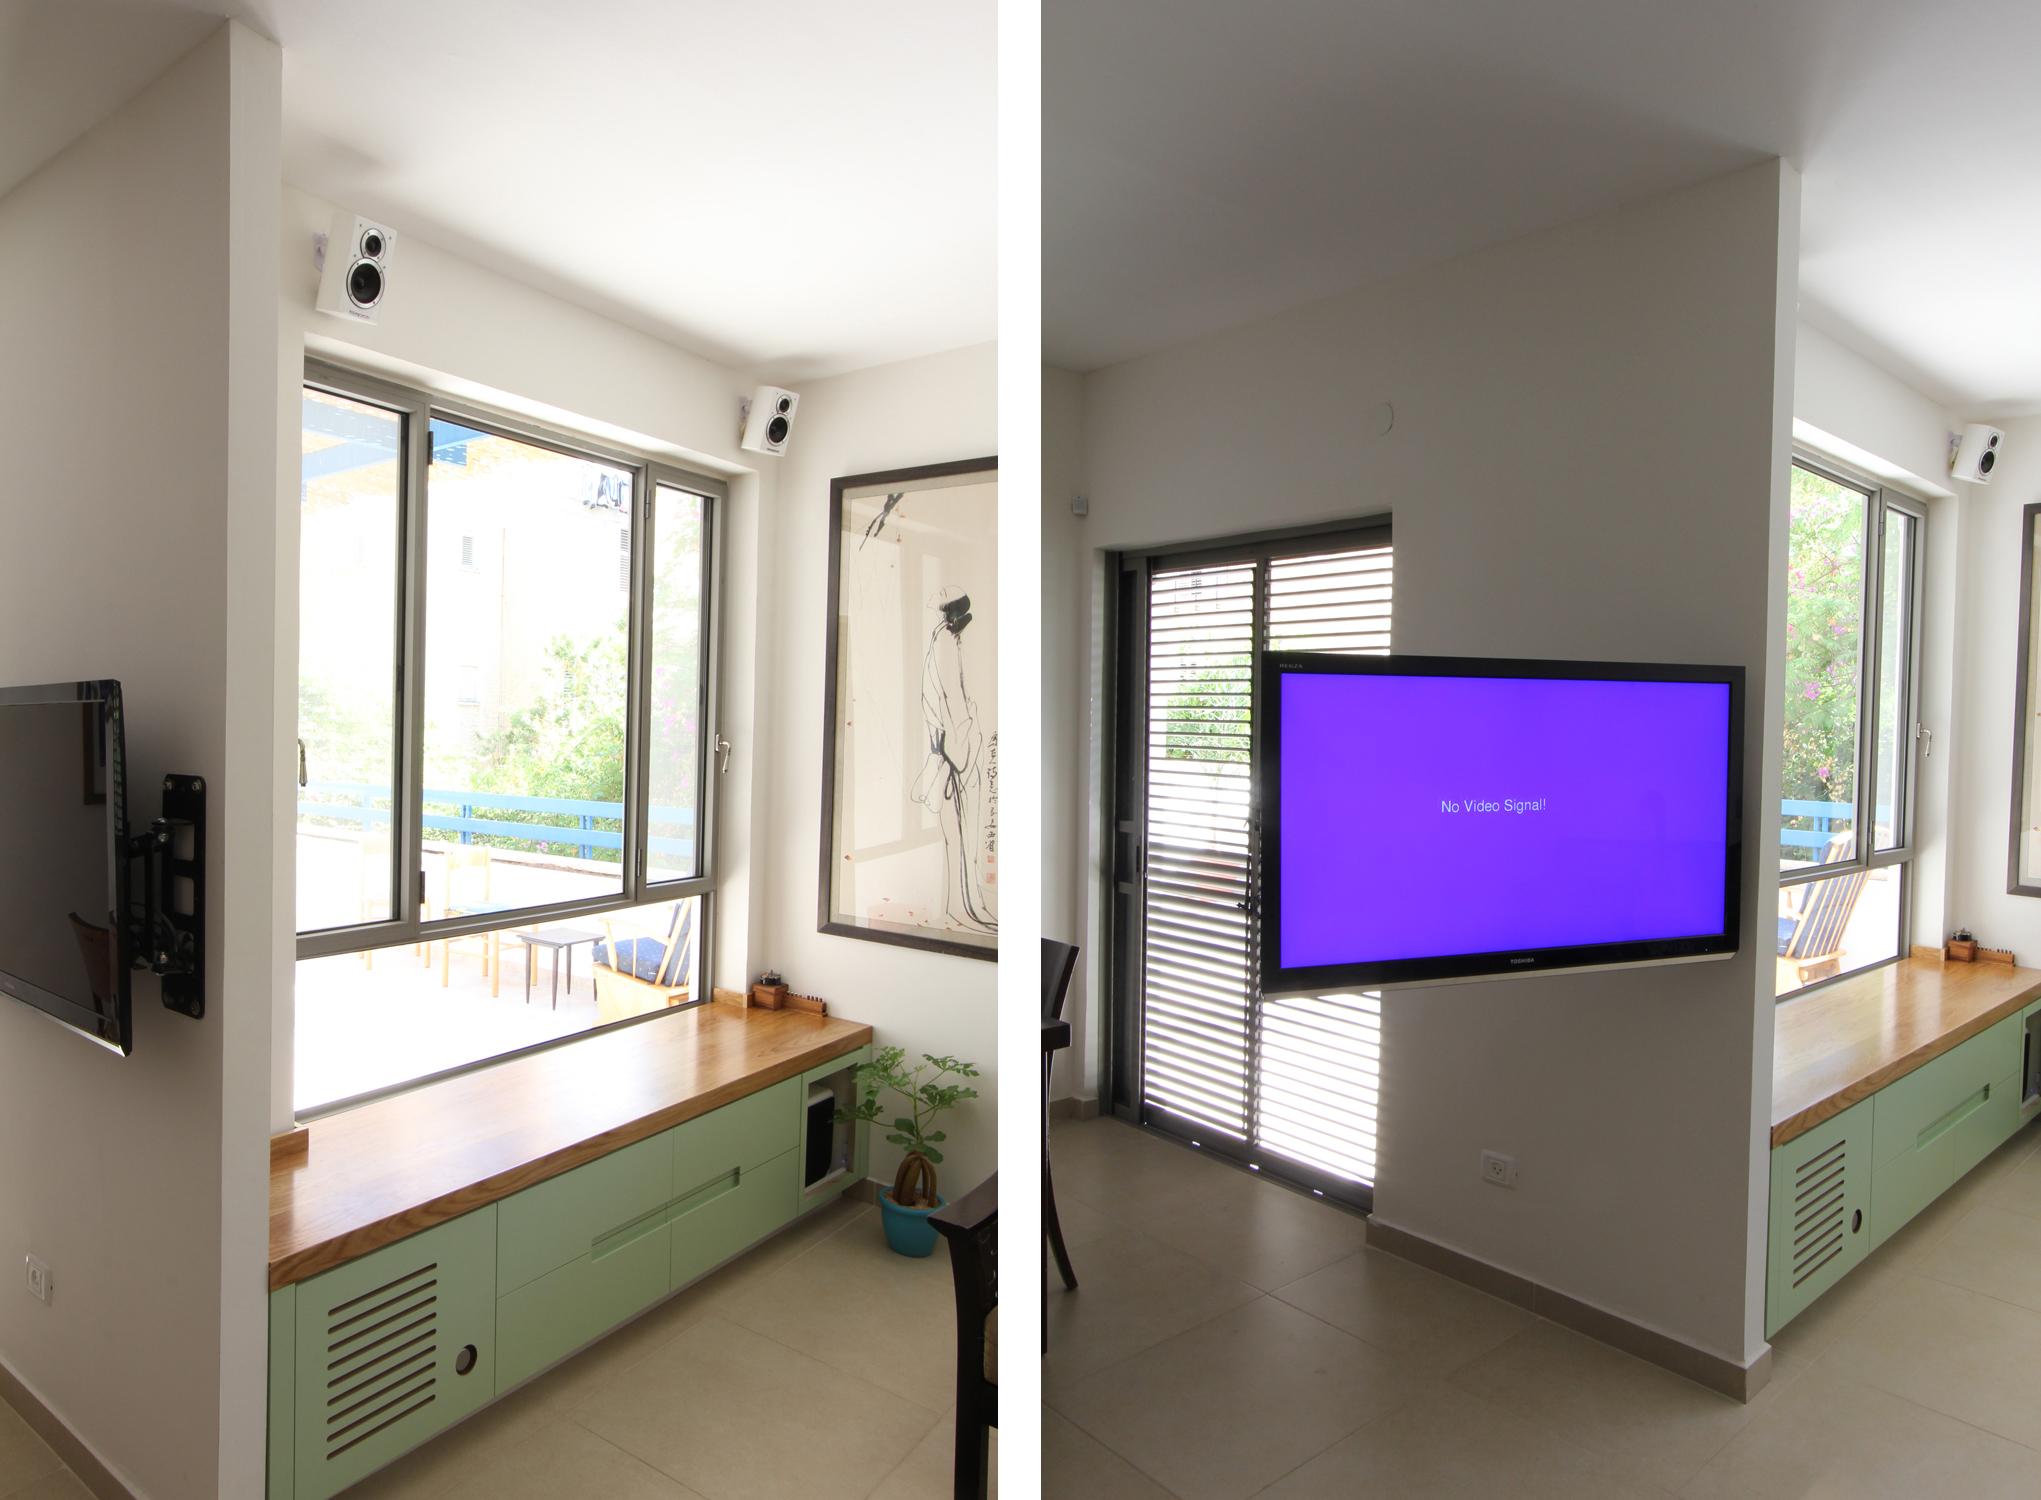 בסלון: החלון שנפתח למרפסת ופתרון לצפייה בטלוויזיה שאינו יוצר הפרדה בחיבור בין הסלון בין פינת האוכל